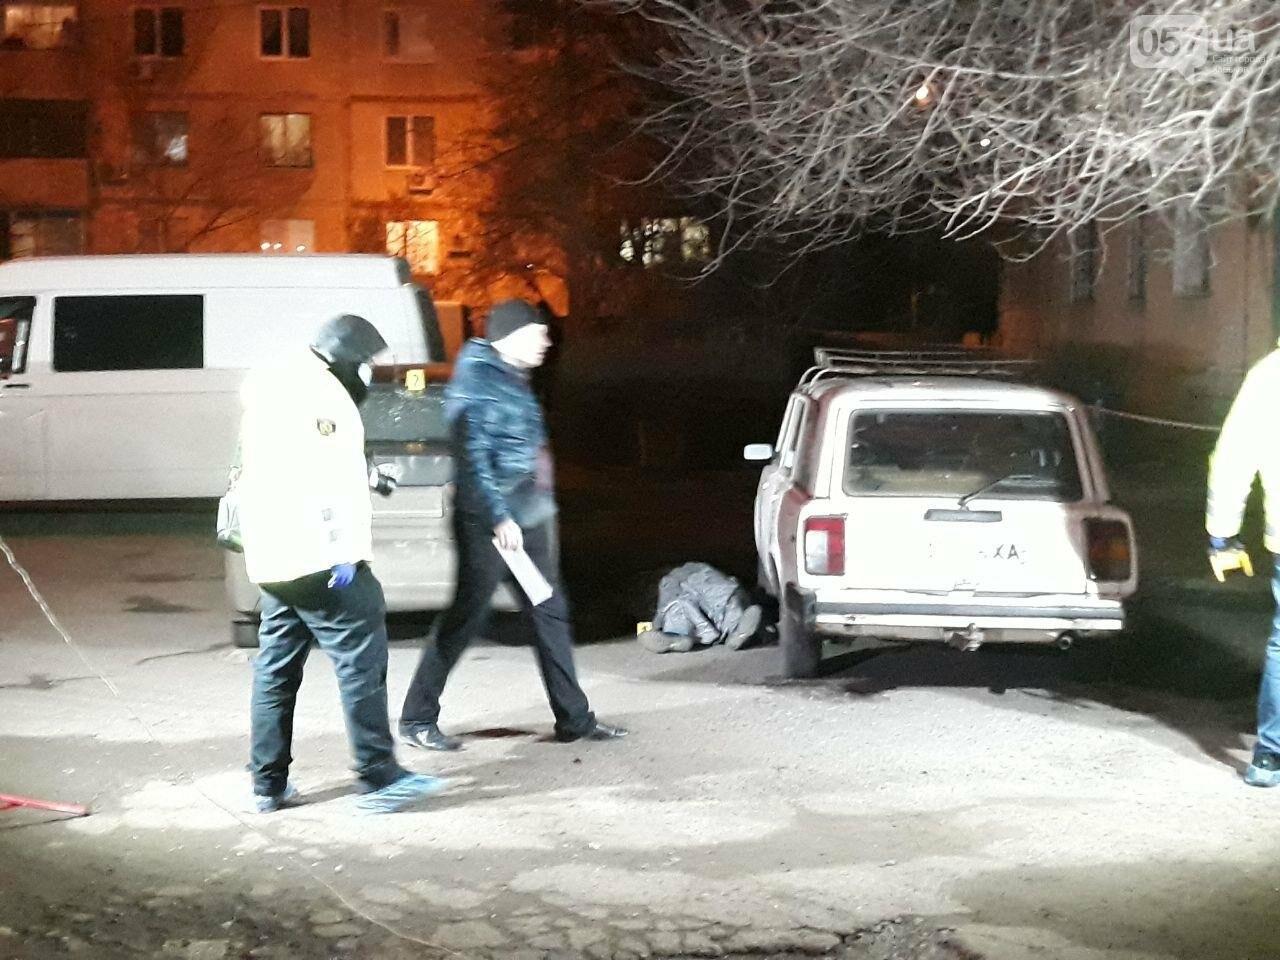 """""""Стрелял в живот"""": медики рассказали подробности смерти убитого на Танкопия мужчины, - ФОТО, фото-1"""